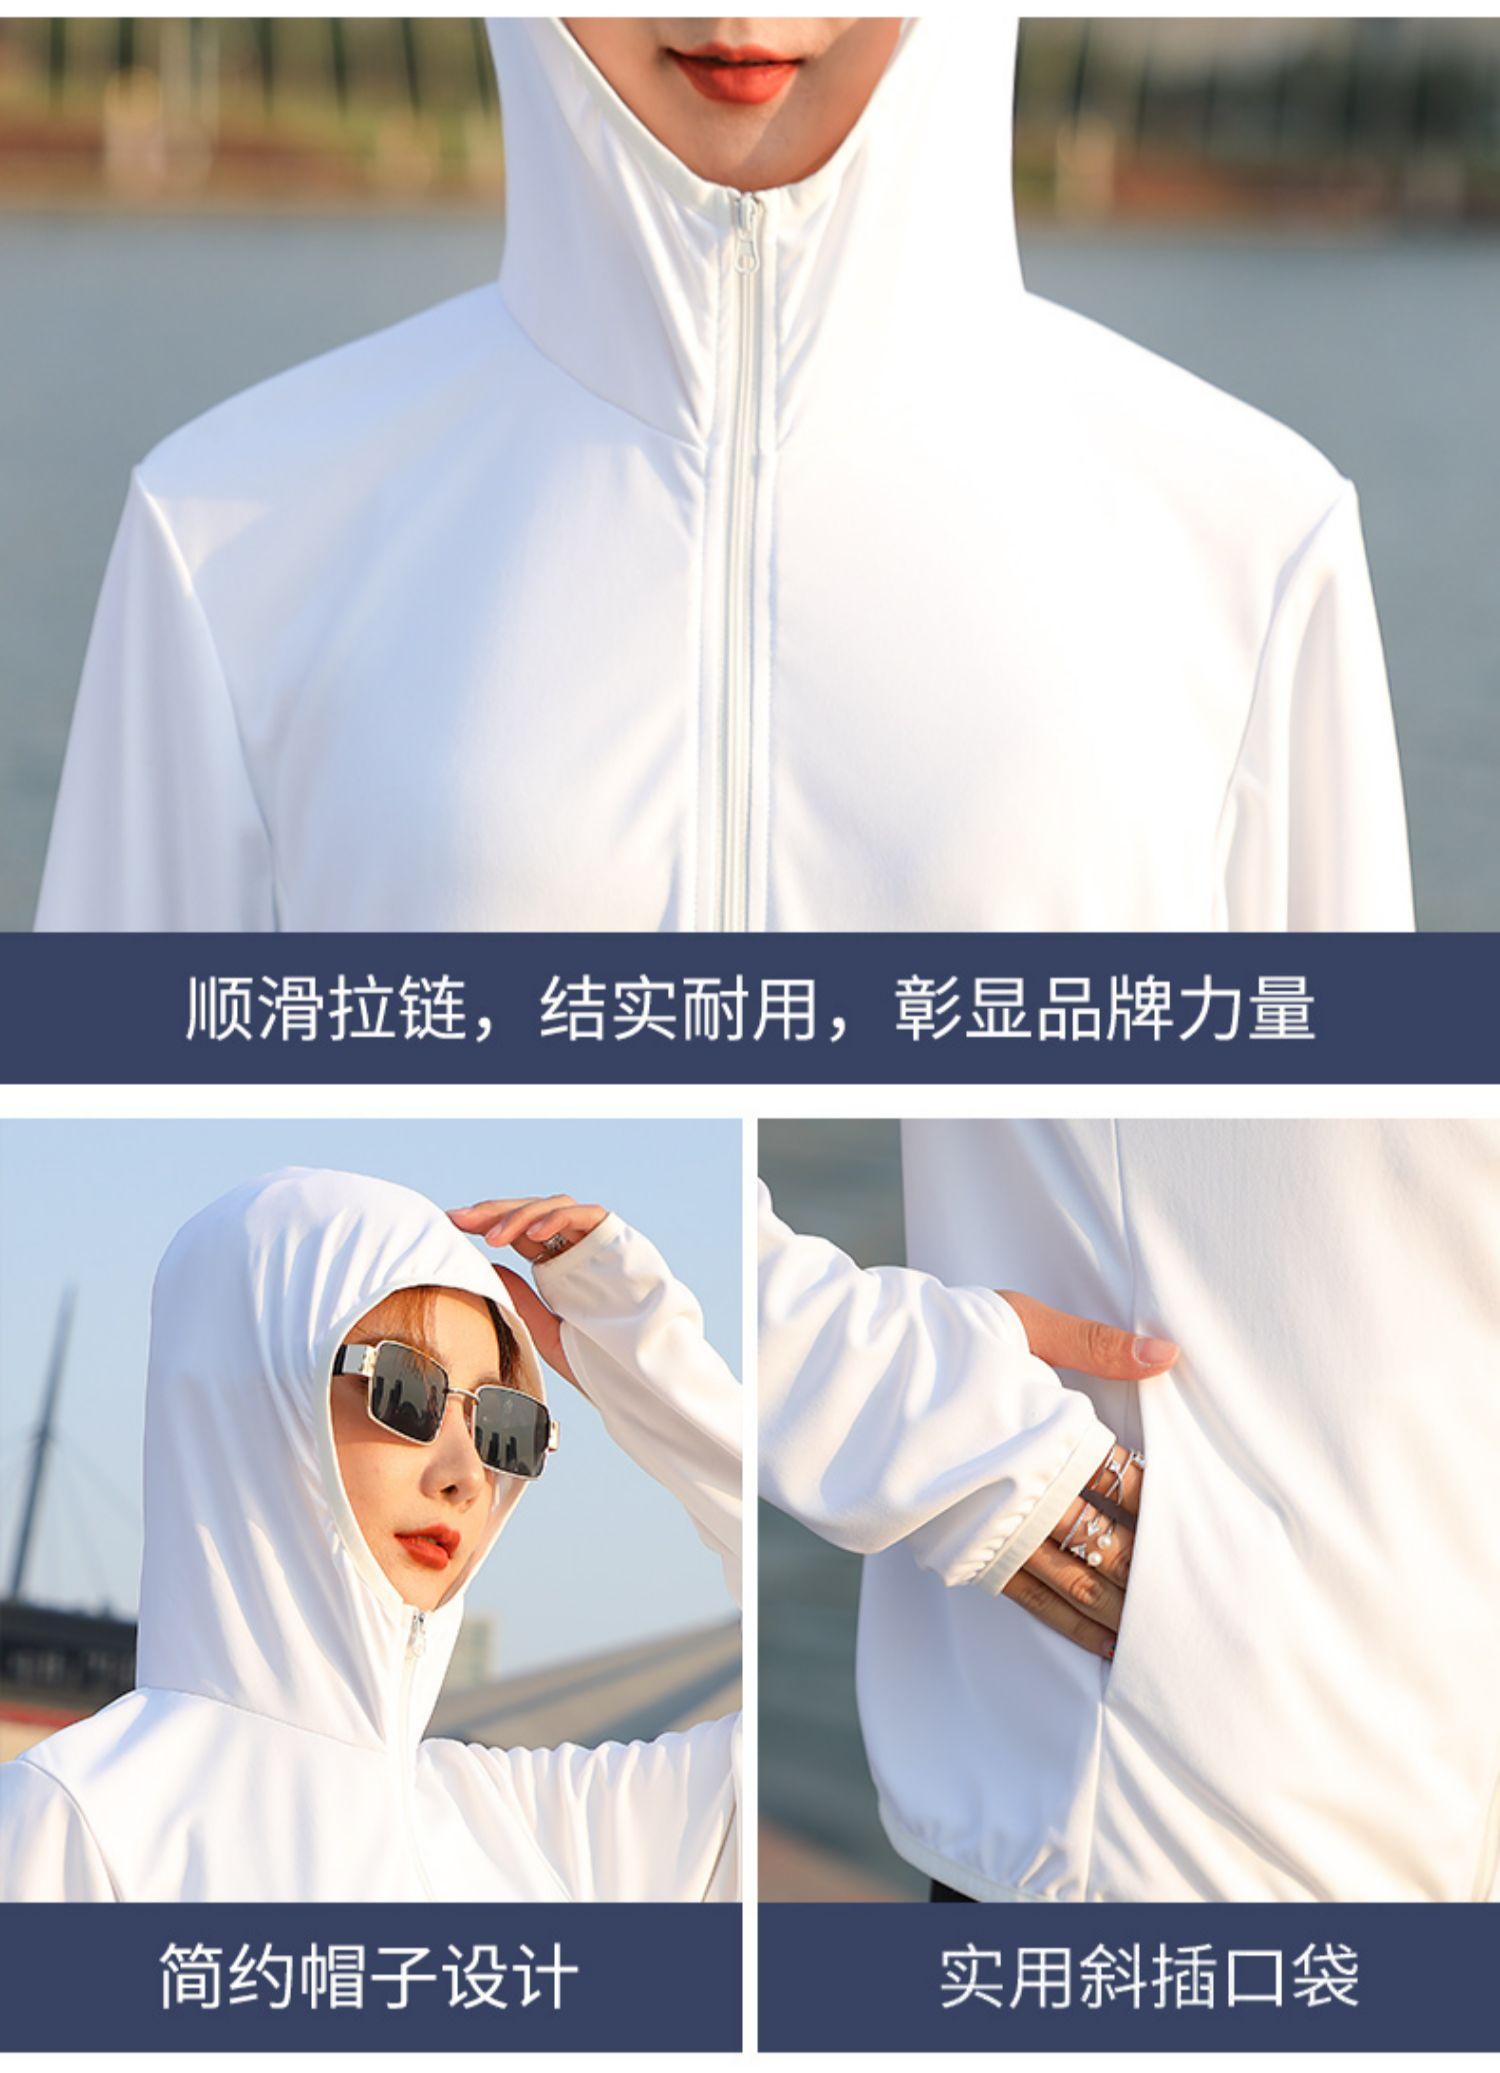 南极人冰丝防晒衣女2020夏新款宽松短外套长袖防晒衫薄透气防晒服商品详情图